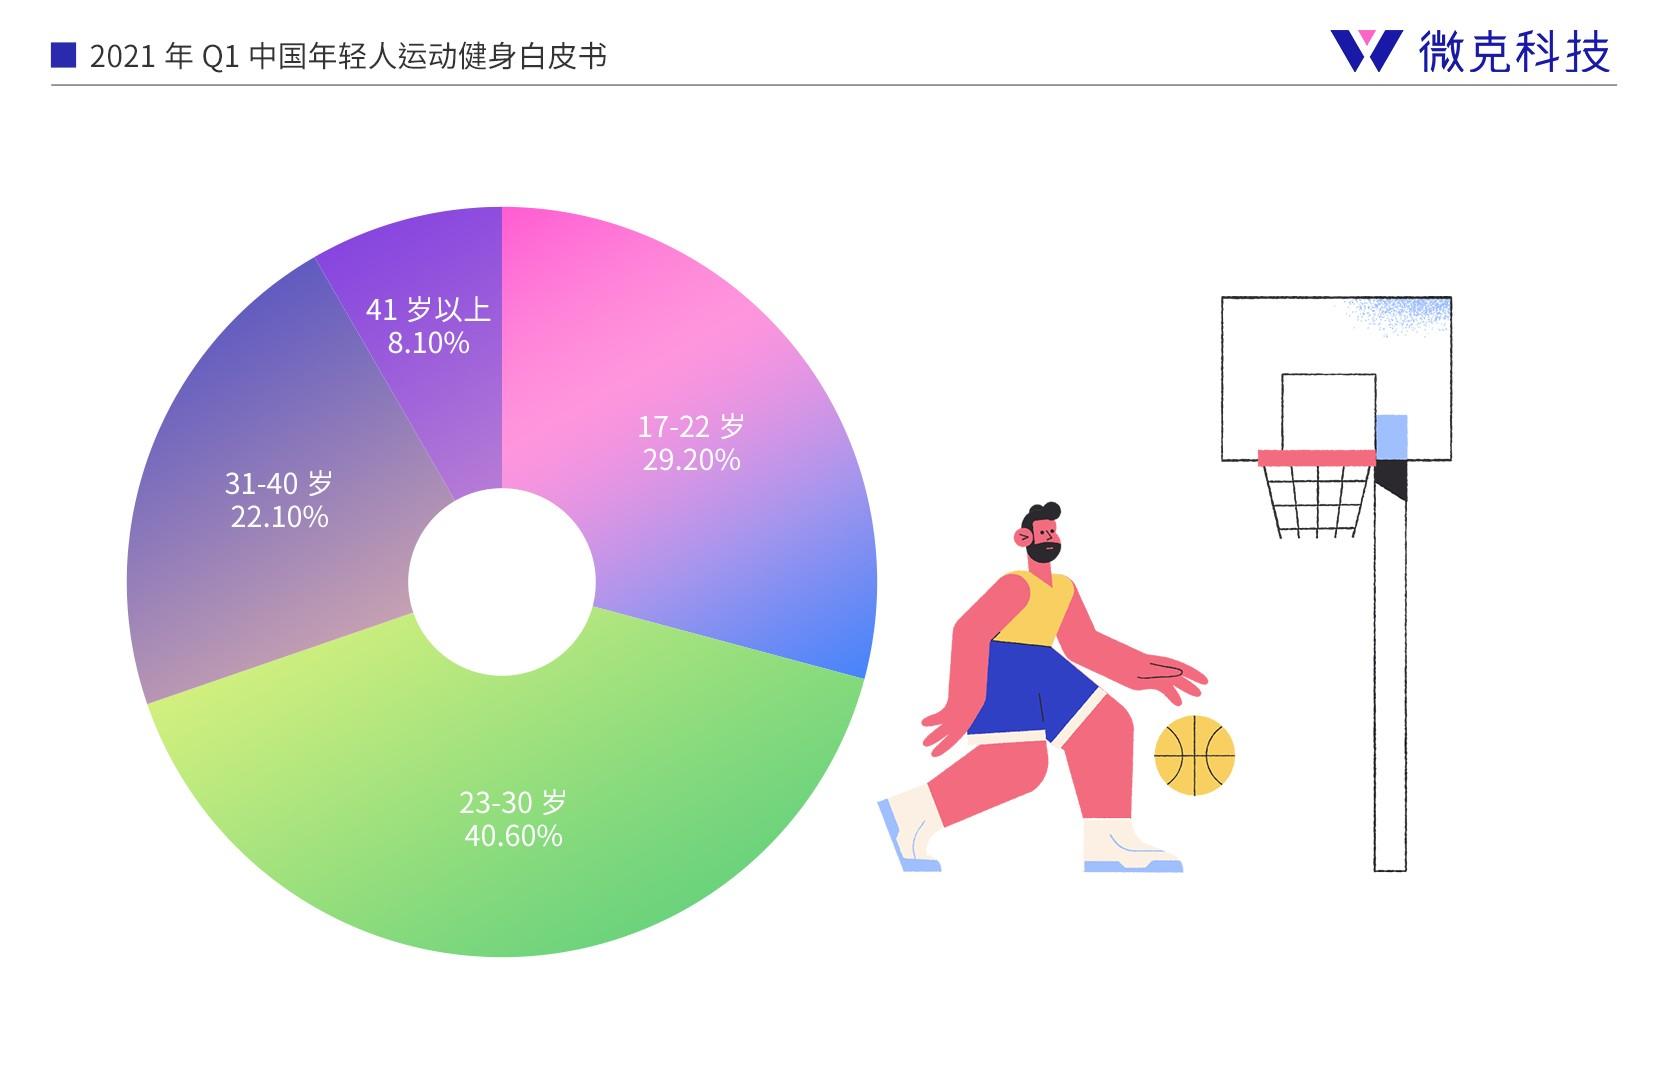 中国年轻人运动健身白皮书-微克科技